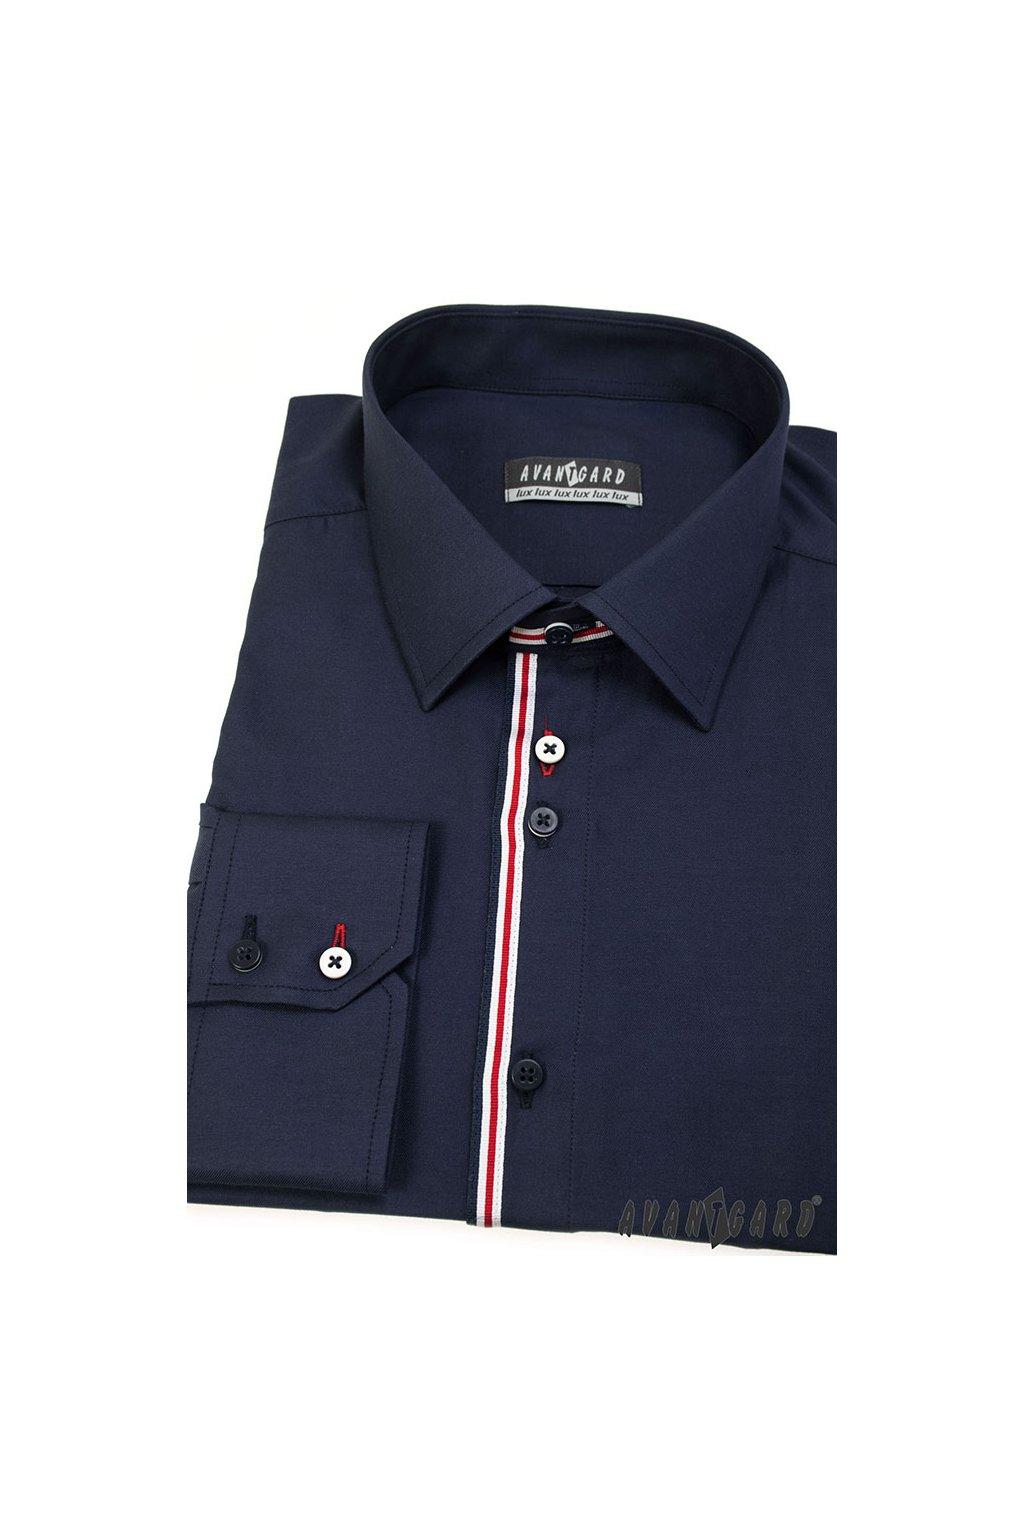 Pánská košile modrá 511 - 3105